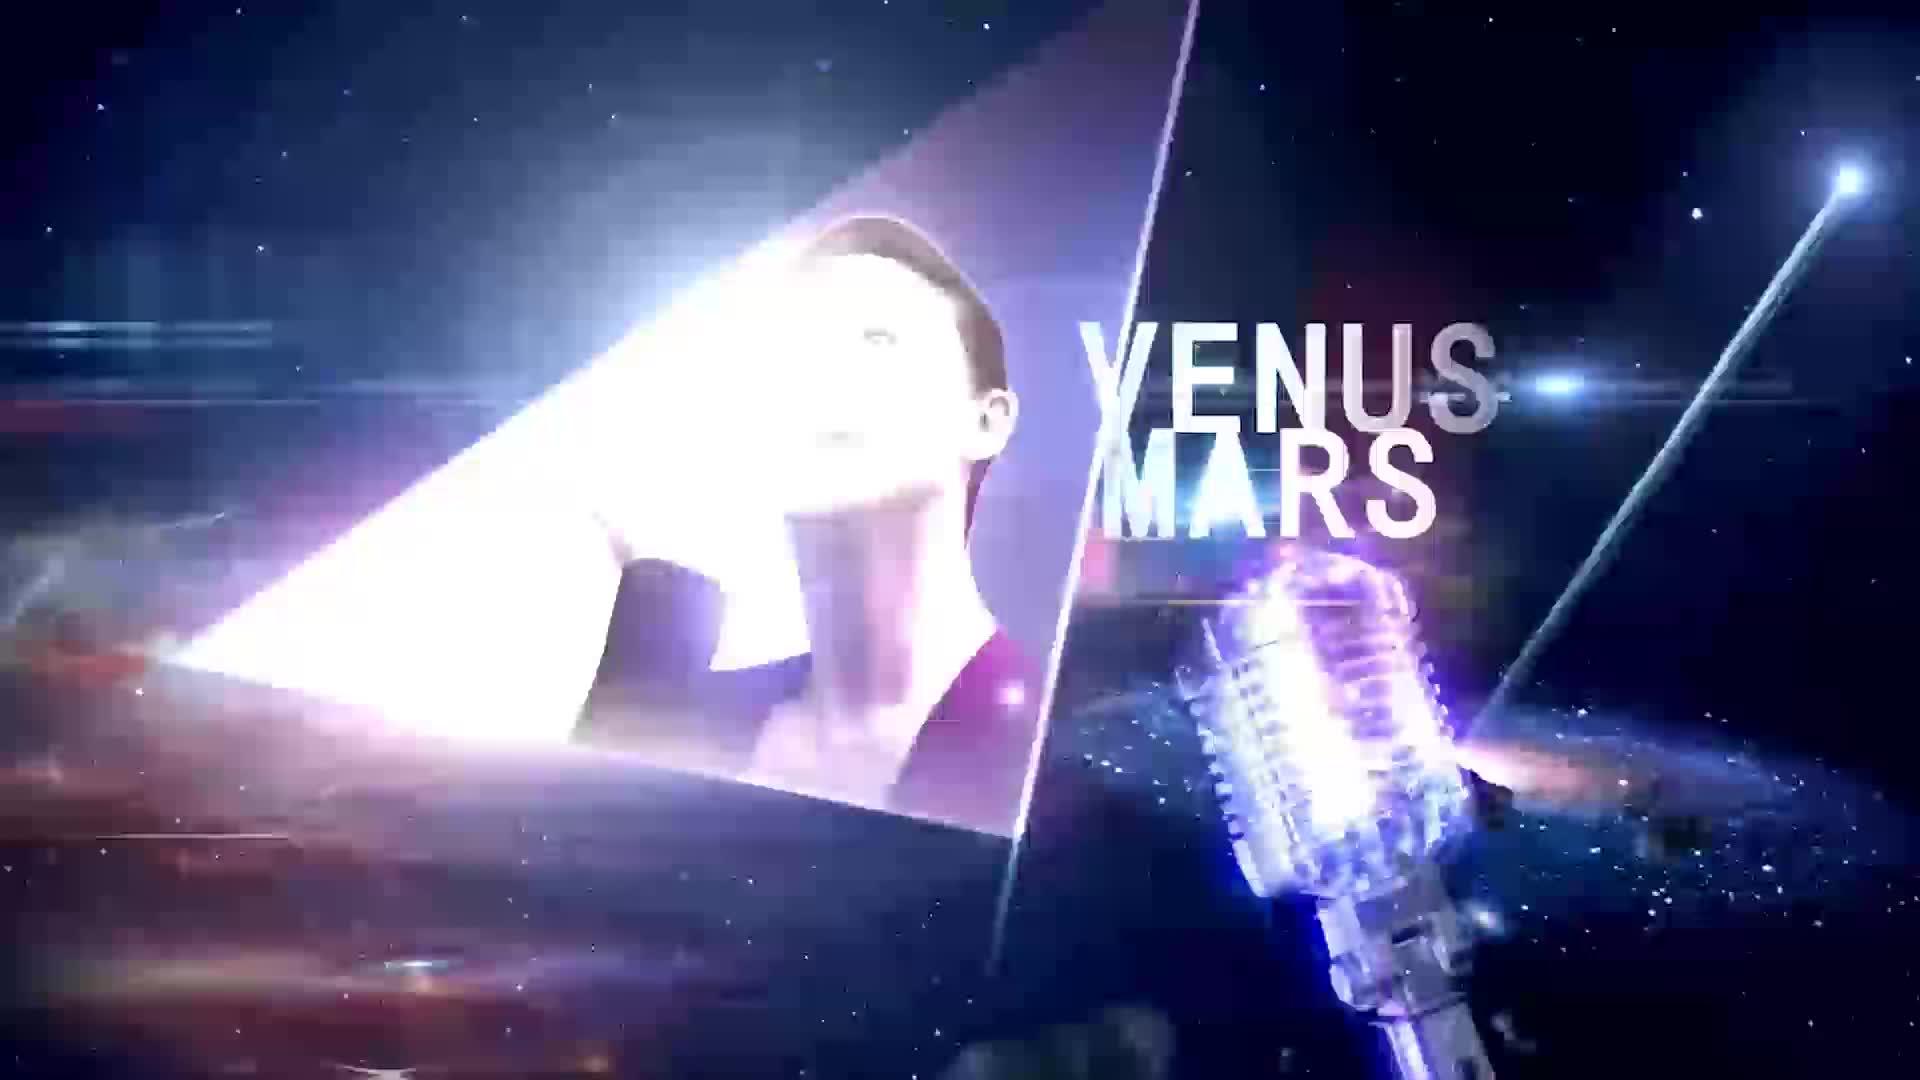 金星撞火星:书真是白读了,怕积水弄脏鞋竟让清洁工背进学校